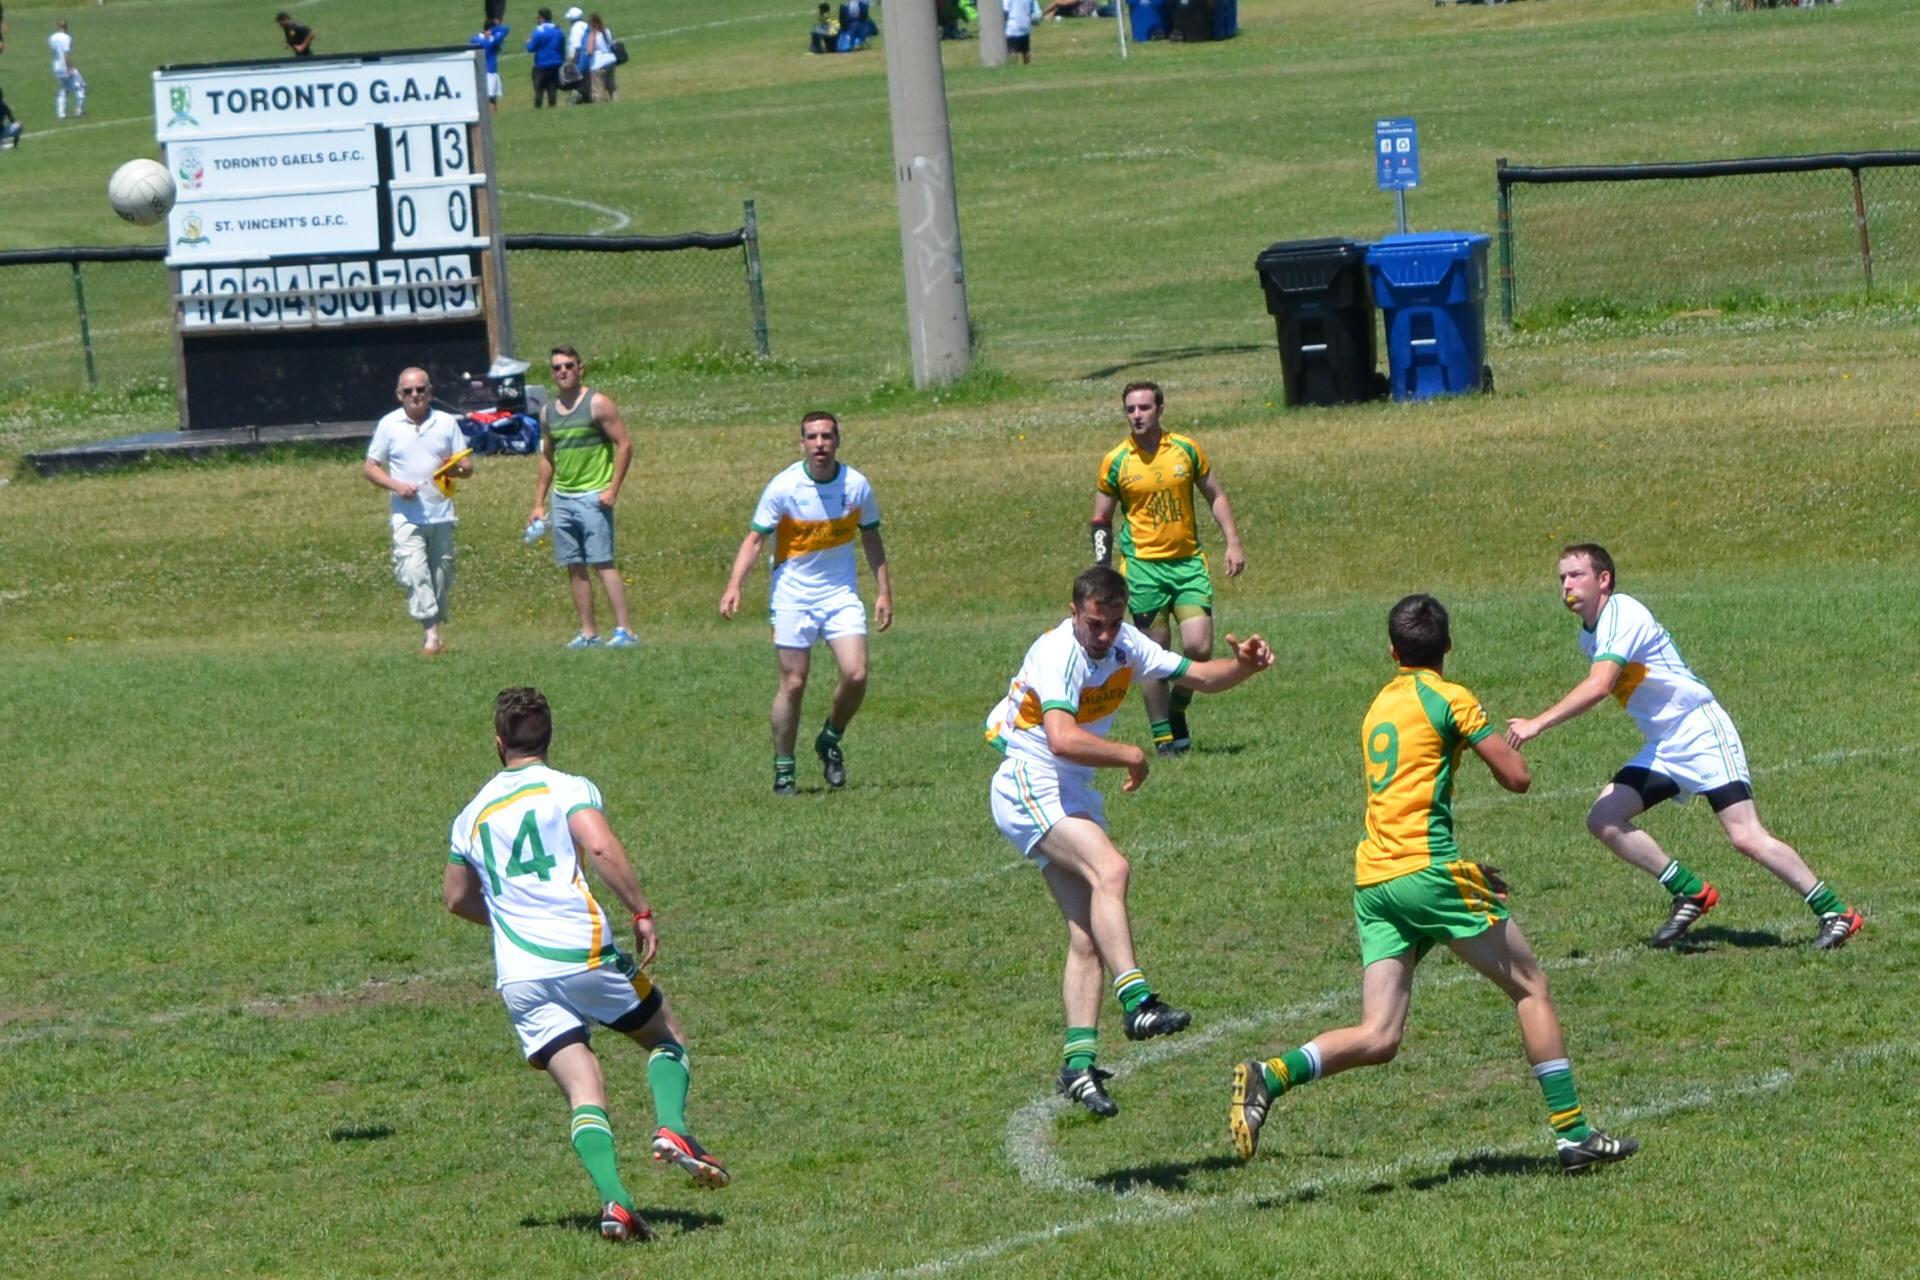 Toronto Gaels Gaelic Football 2014 GAA - 61